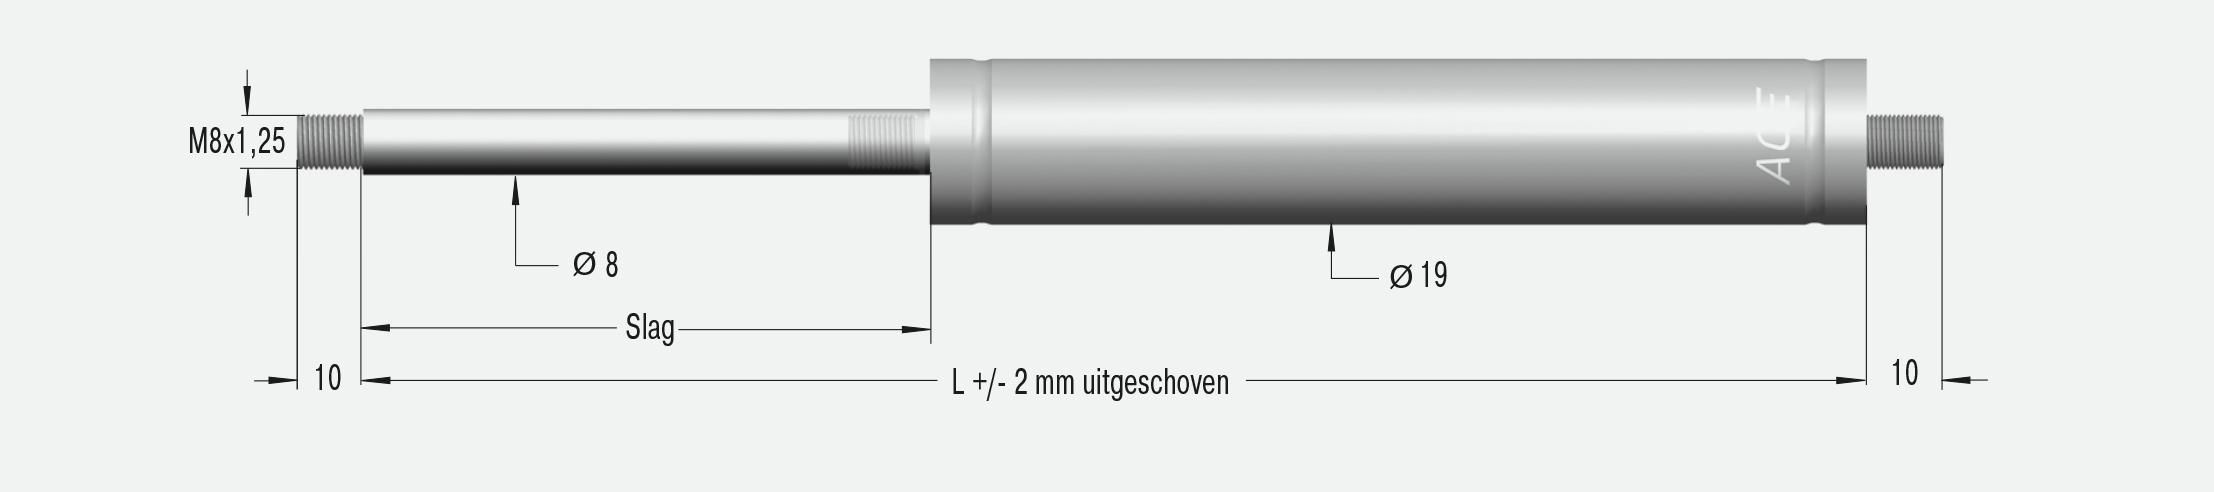 GS-19-250-V4A